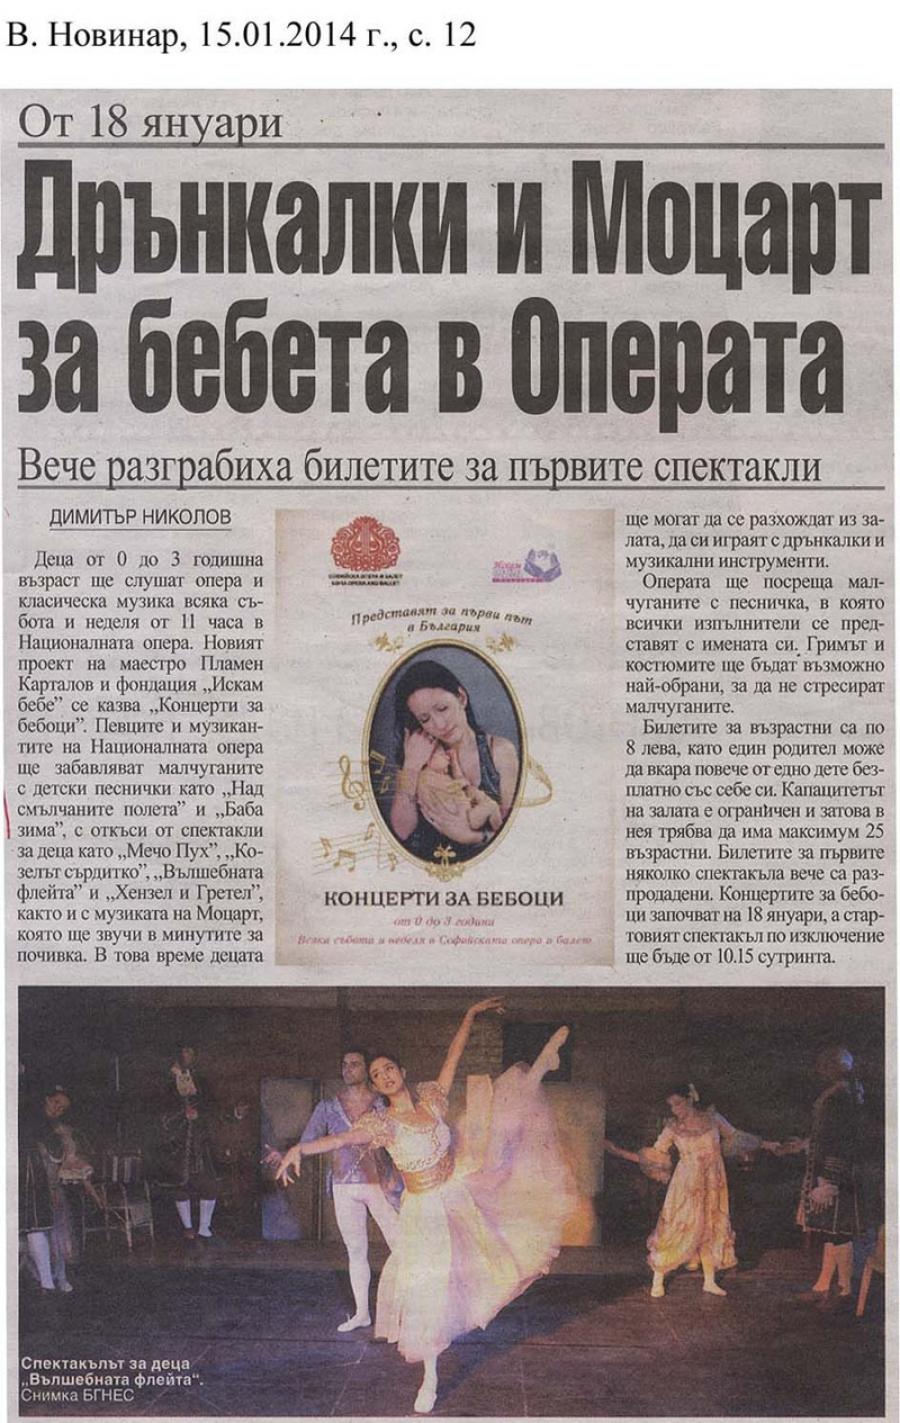 ДРЪНКАЛКИ И МОЦАРТ ЗА БЕБЕТА В ОПЕРАТА - в-к Новинар,15.01.2014